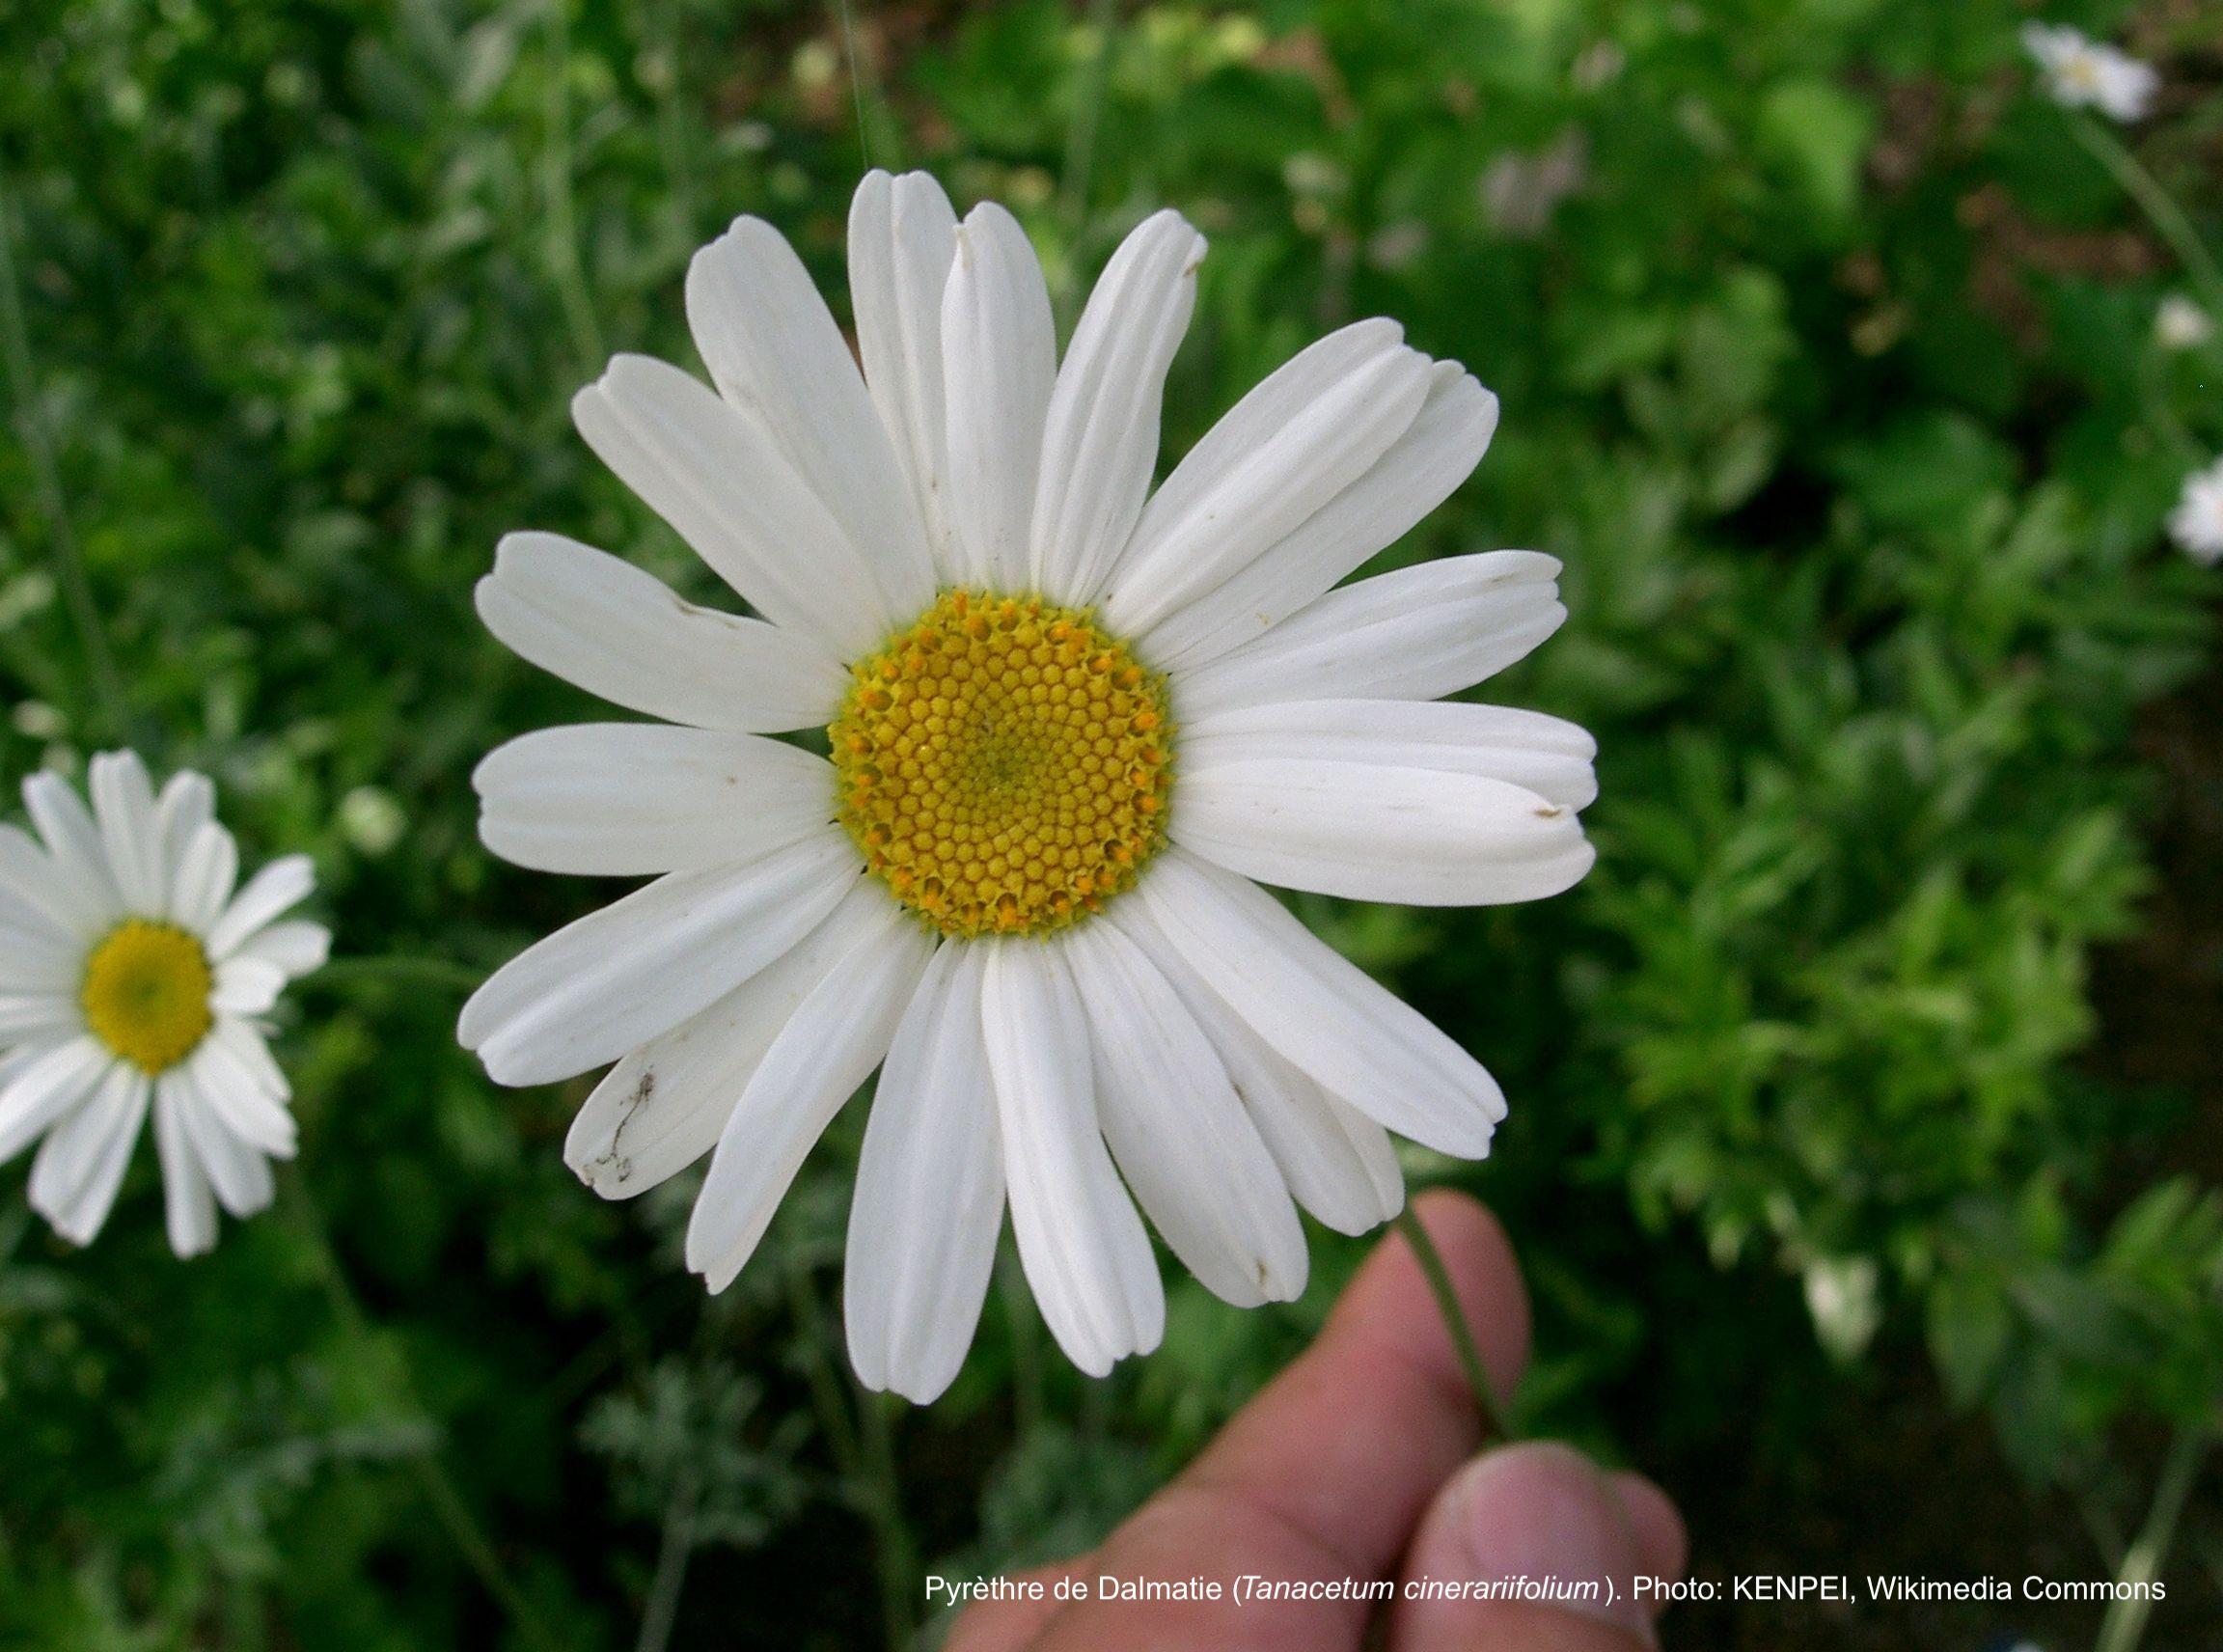 Fleur de pyrèthre de Dalmatie.